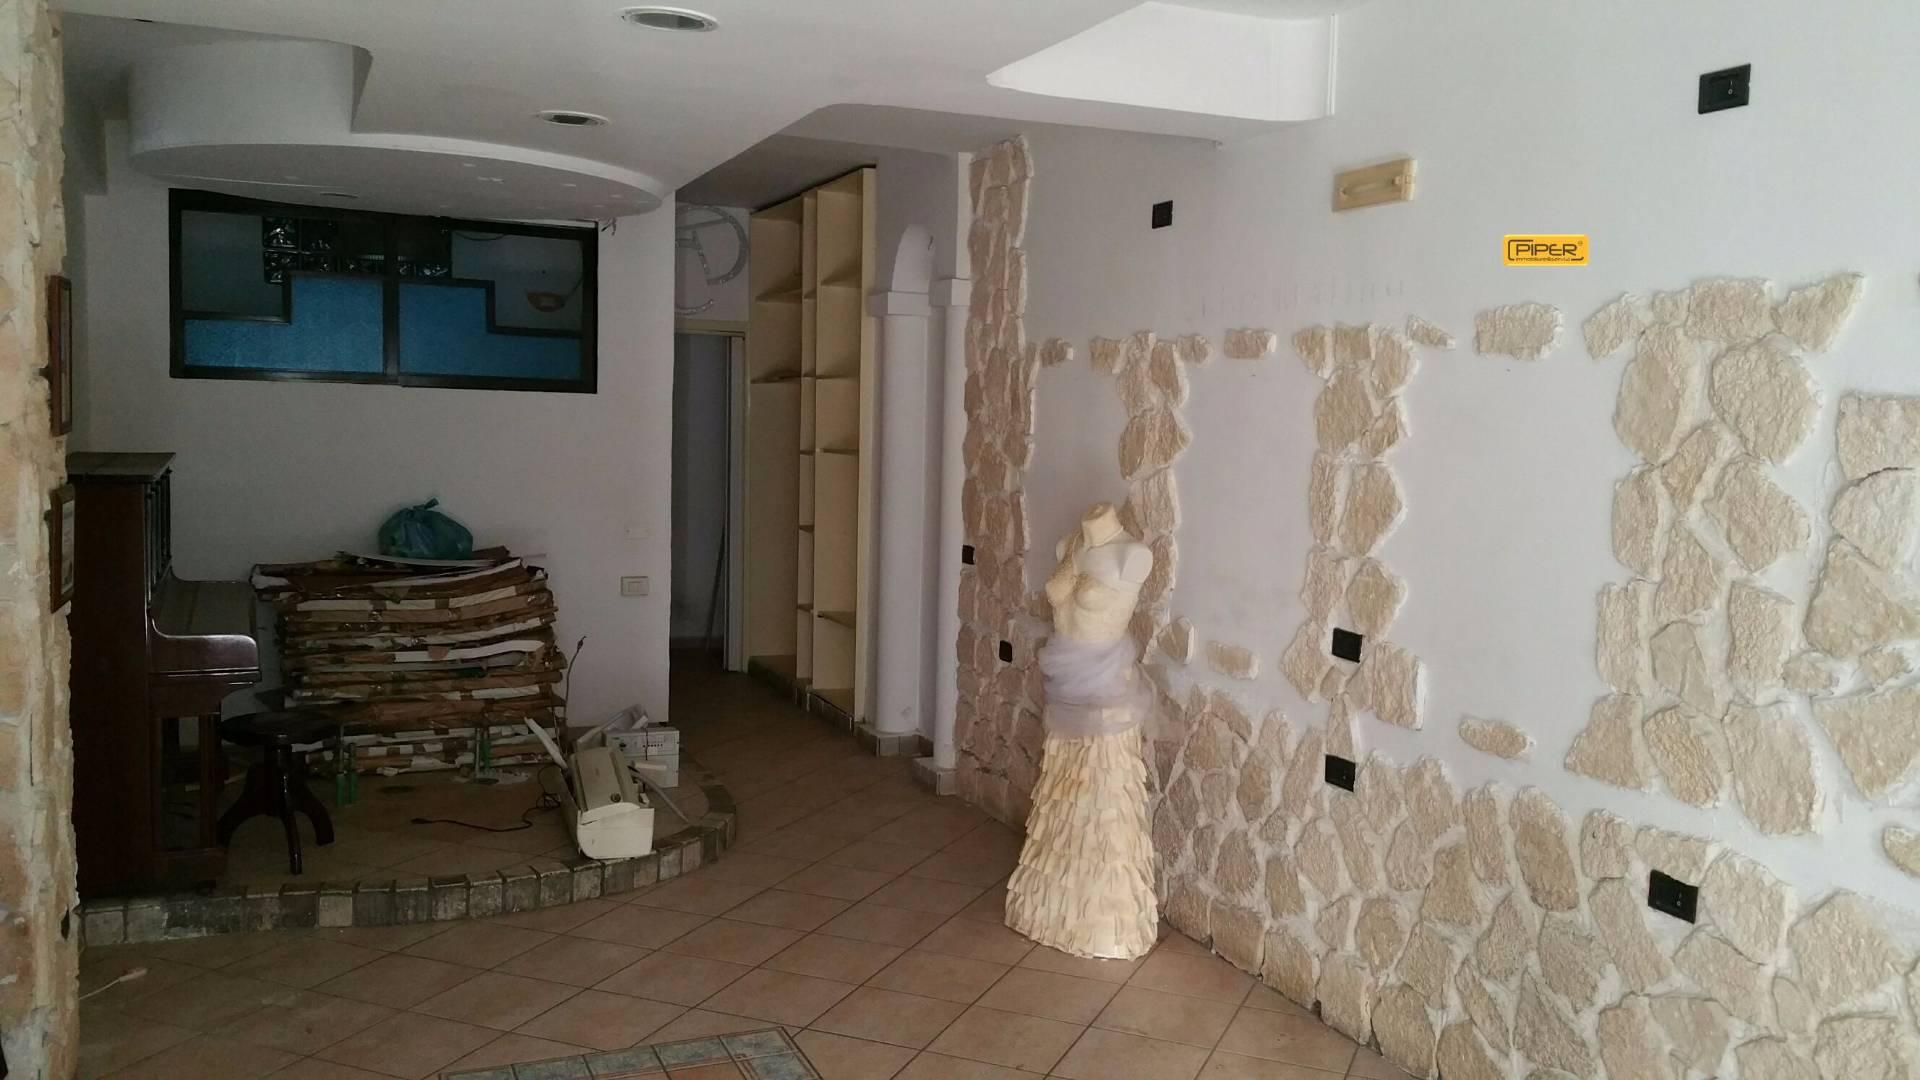 Attività / Licenza in affitto a Napoli, 9999 locali, zona Zona: 10 . Bagnoli, Fuorigrotta, Agnano, prezzo € 500 | Cambio Casa.it